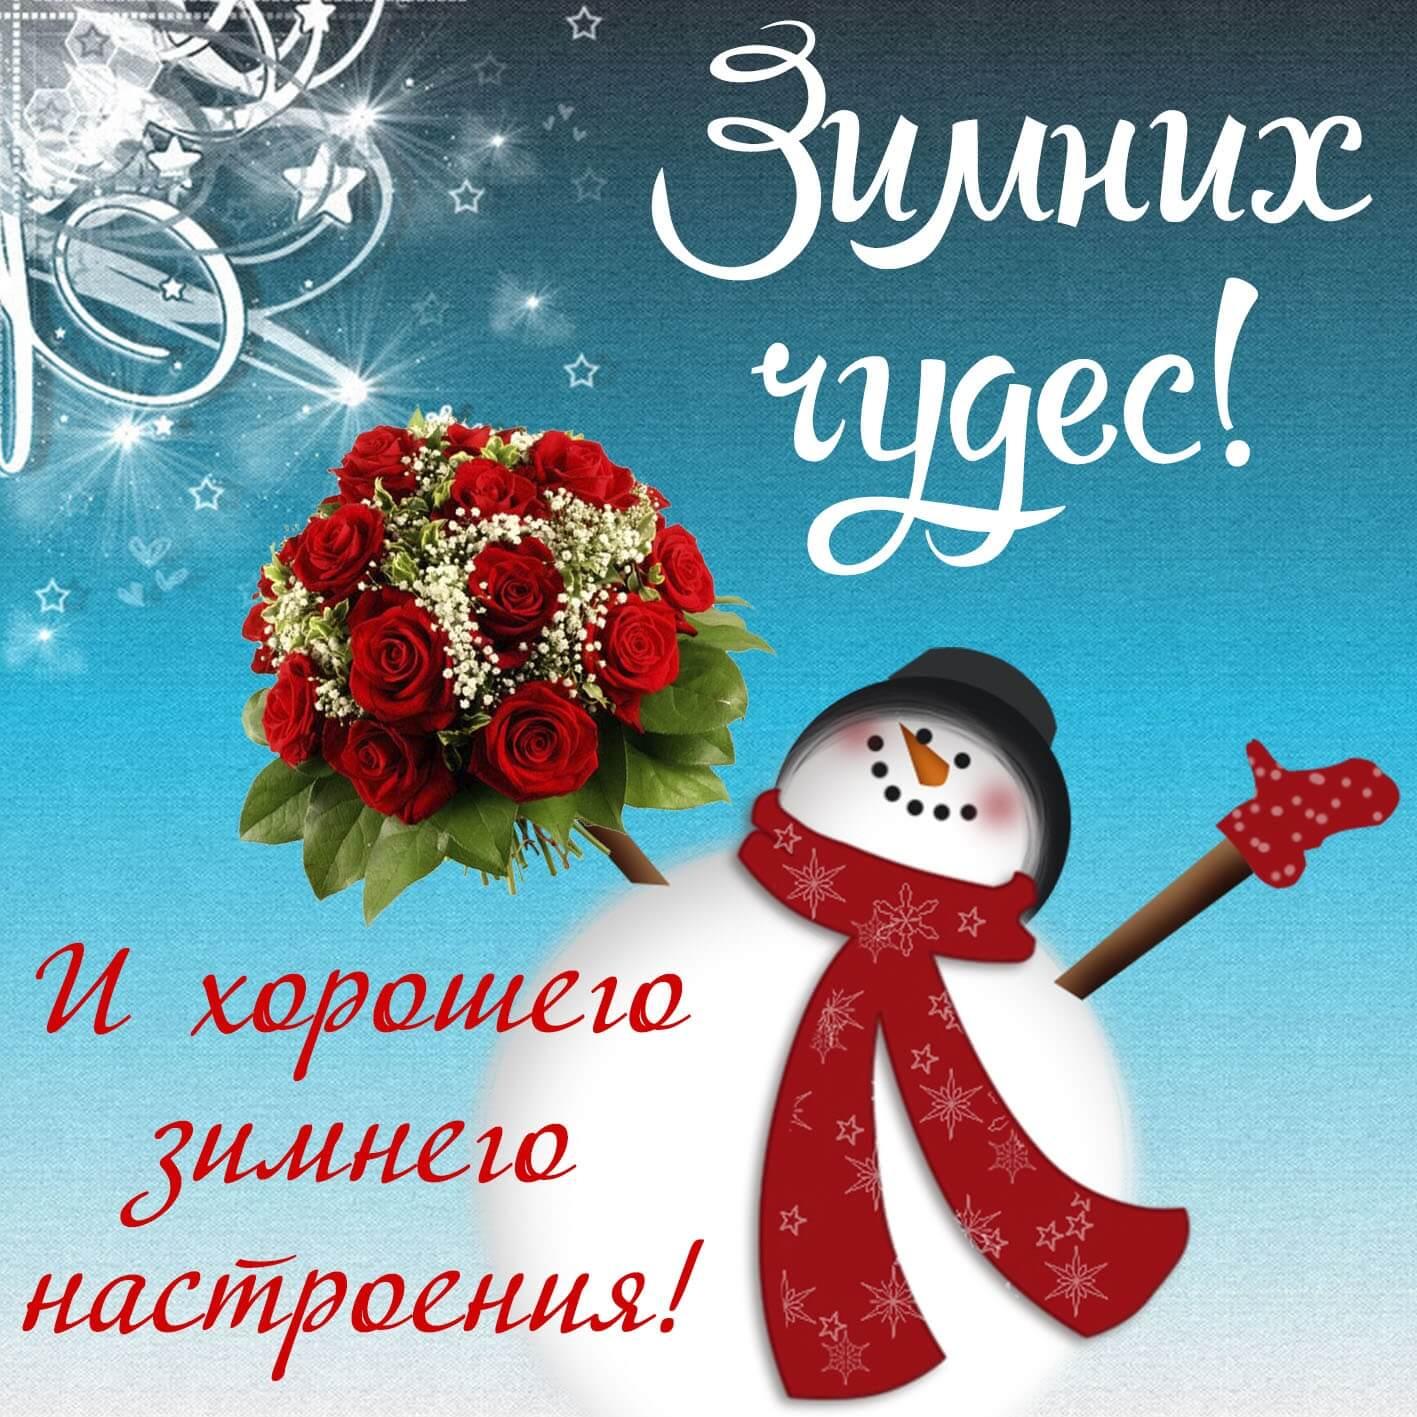 Топовые открытки с добрым зимним настроением 20